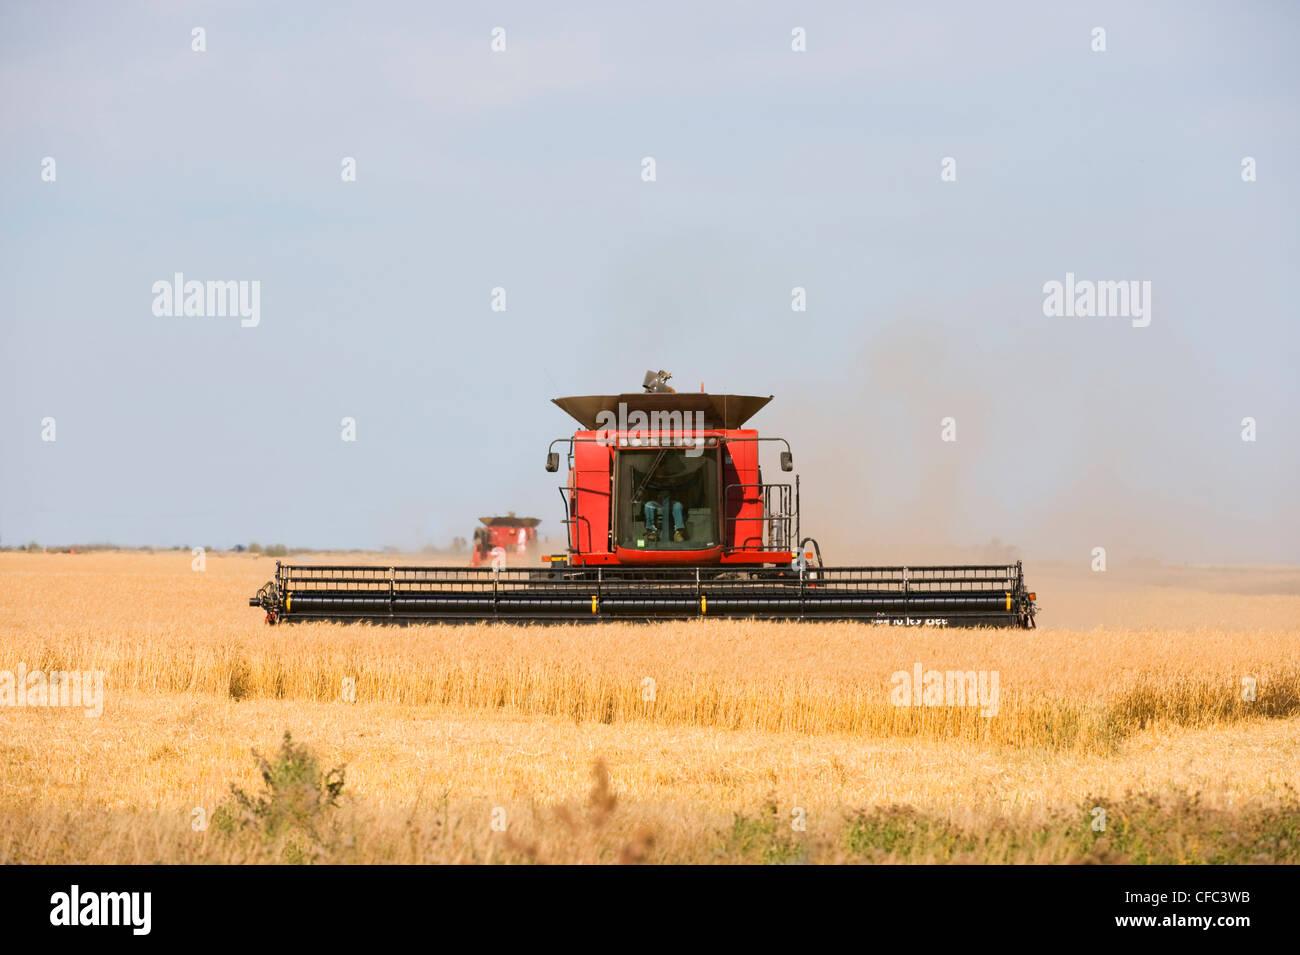 La combinazione di grano agricoltore potrebbe usare la propria mietitrebbia Immagini Stock